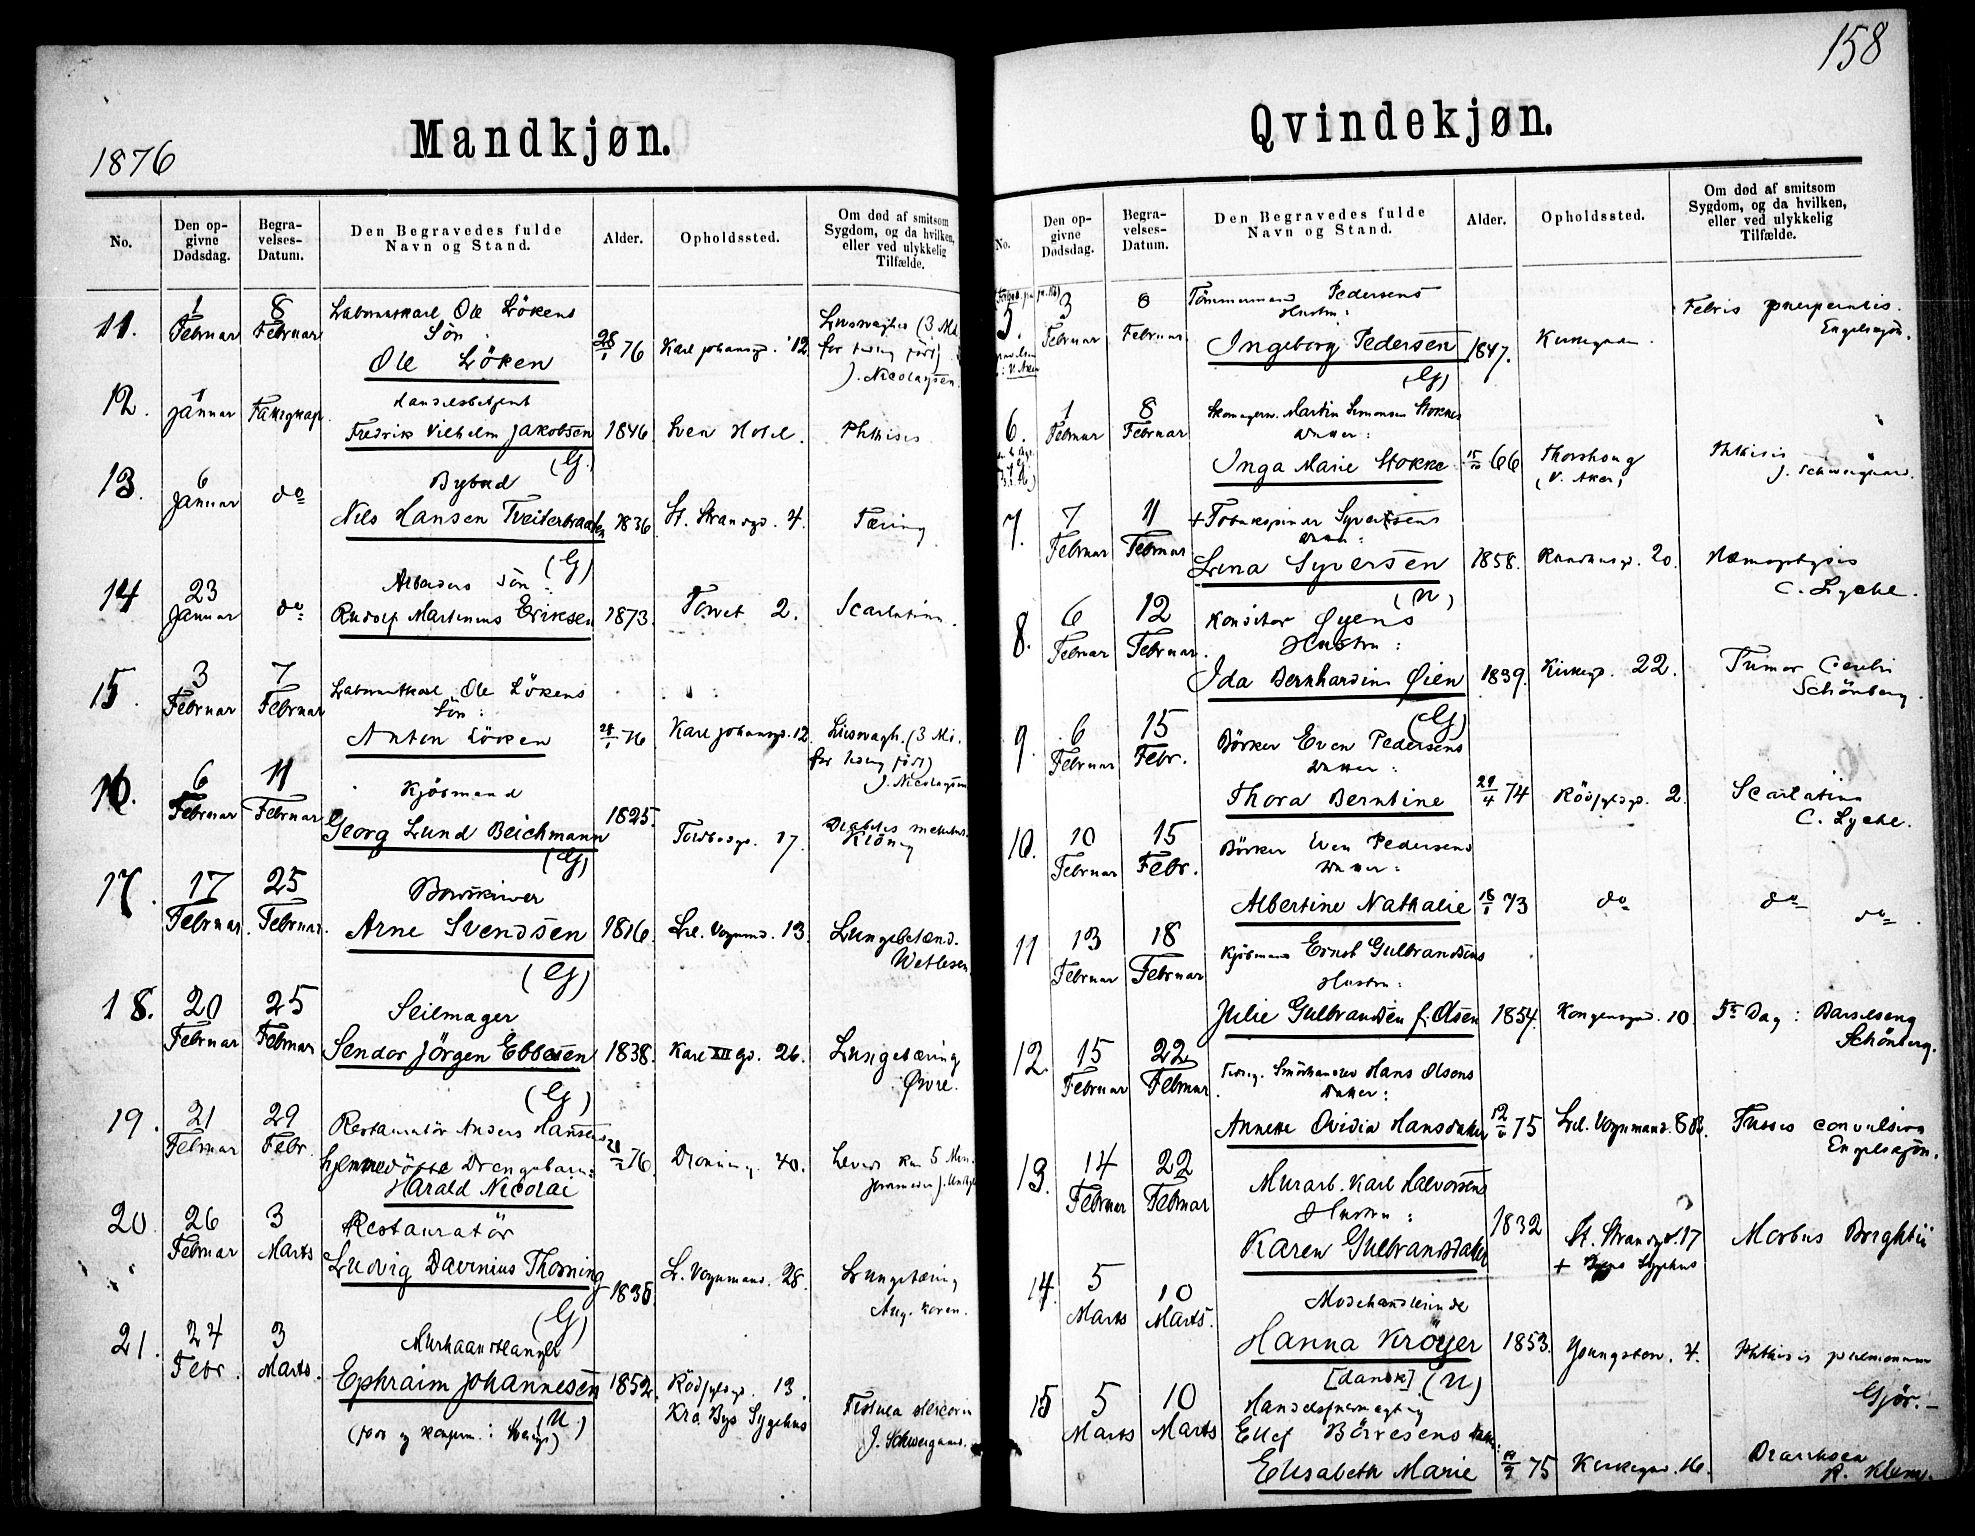 SAO, Oslo domkirke Kirkebøker, F/Fa/L0026: Ministerialbok nr. 26, 1867-1884, s. 158